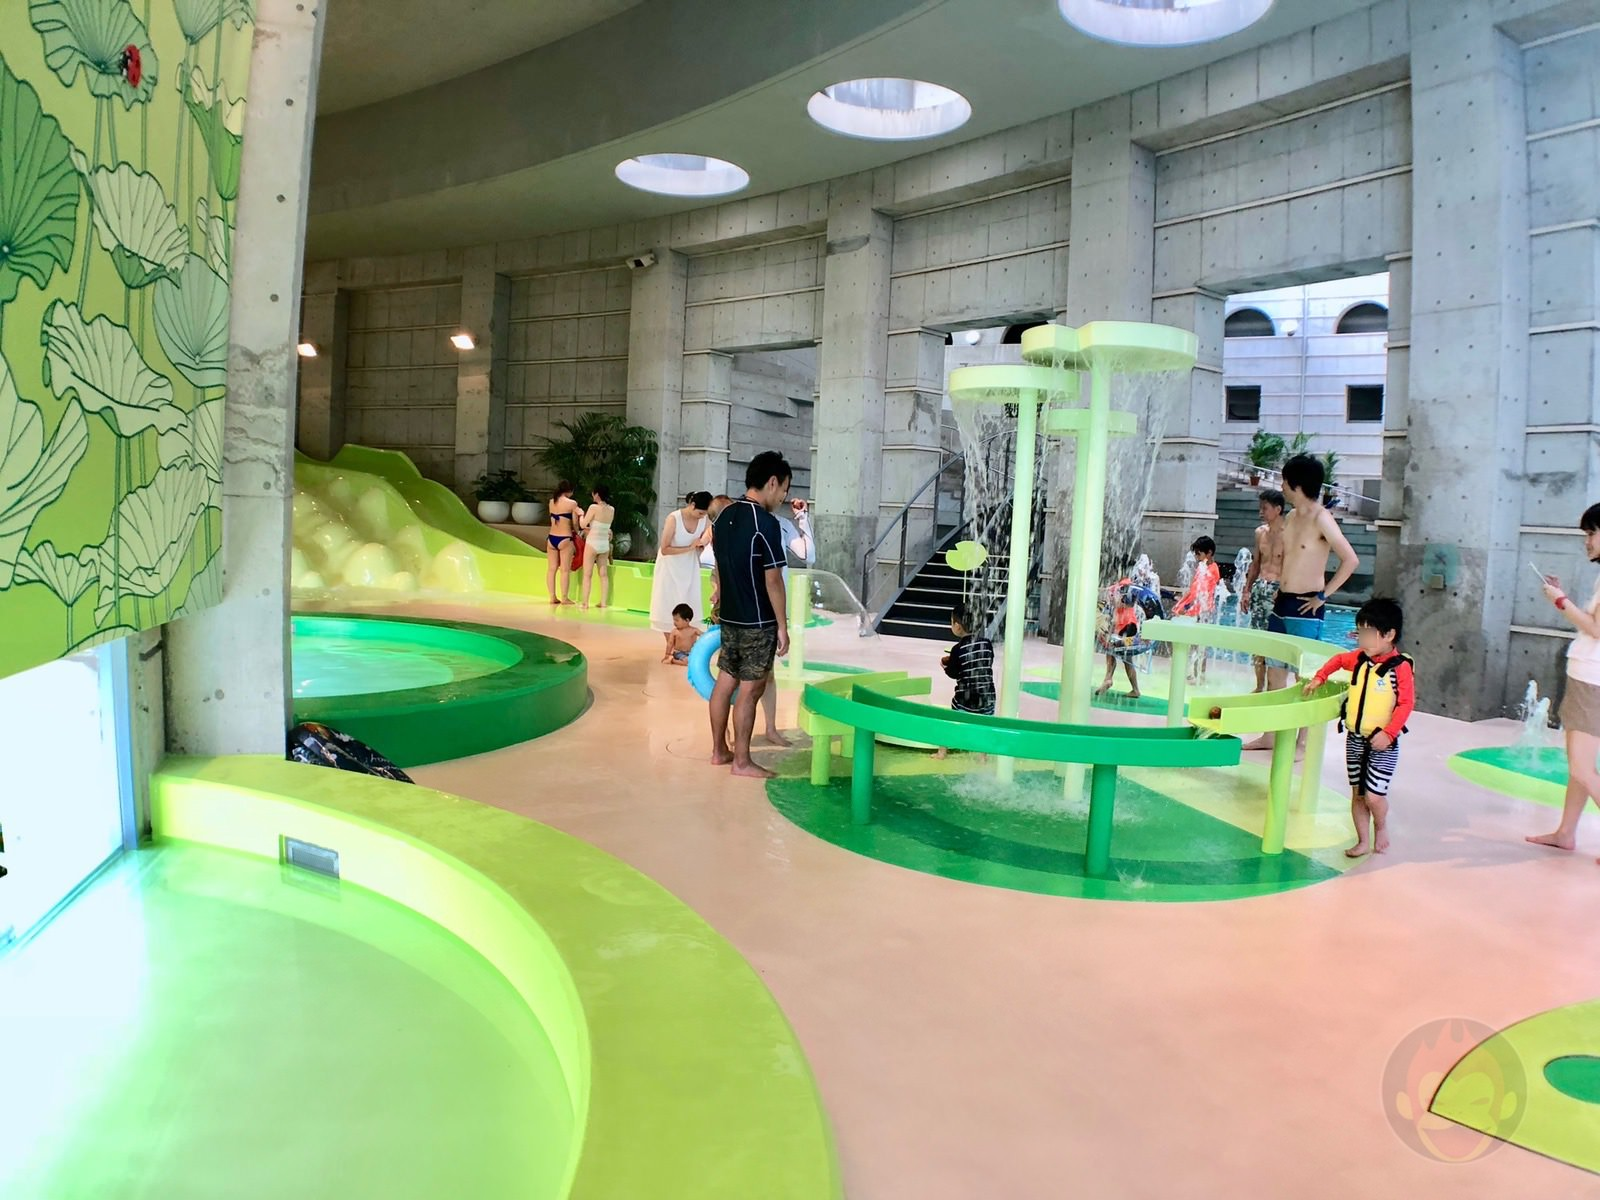 Hoshino Resonalre Yatsugatake Pool 17